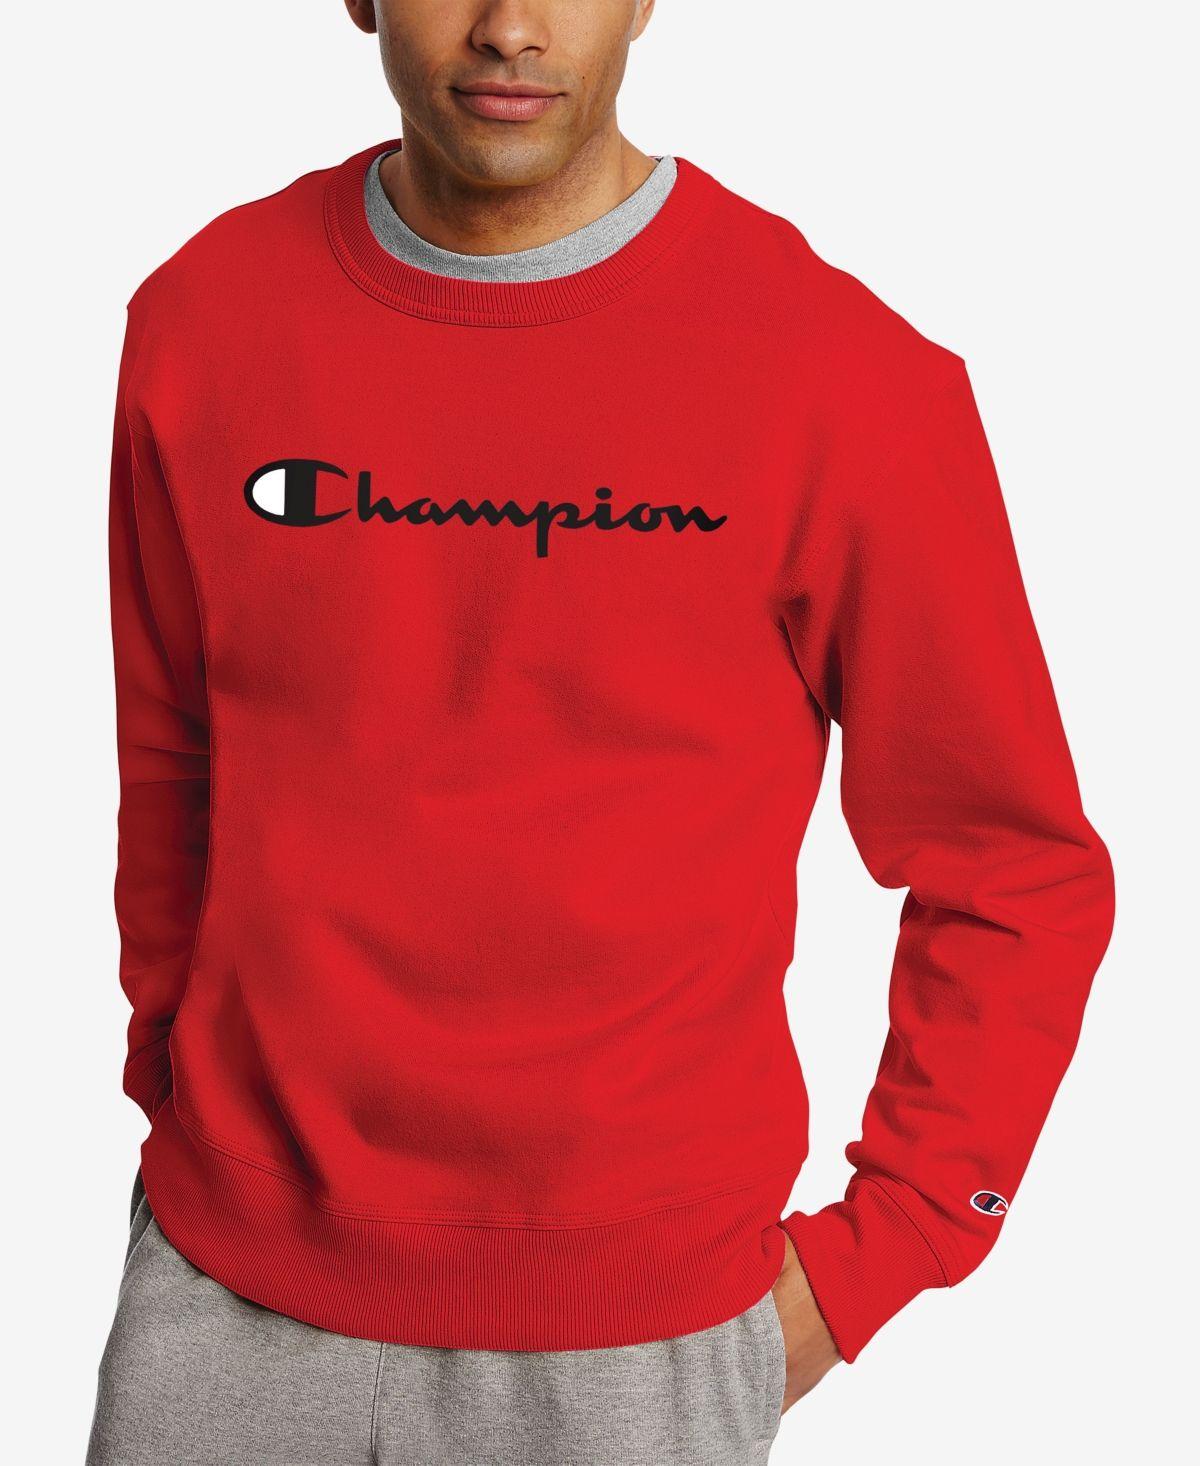 Champion Men S Powerblend Fleece Logo Sweatshirt Reviews All Activewear Men Macy S In 2021 Sweatshirts Mens Champion Sweatshirt Mens Sweatshirts Hoodie [ 1466 x 1200 Pixel ]